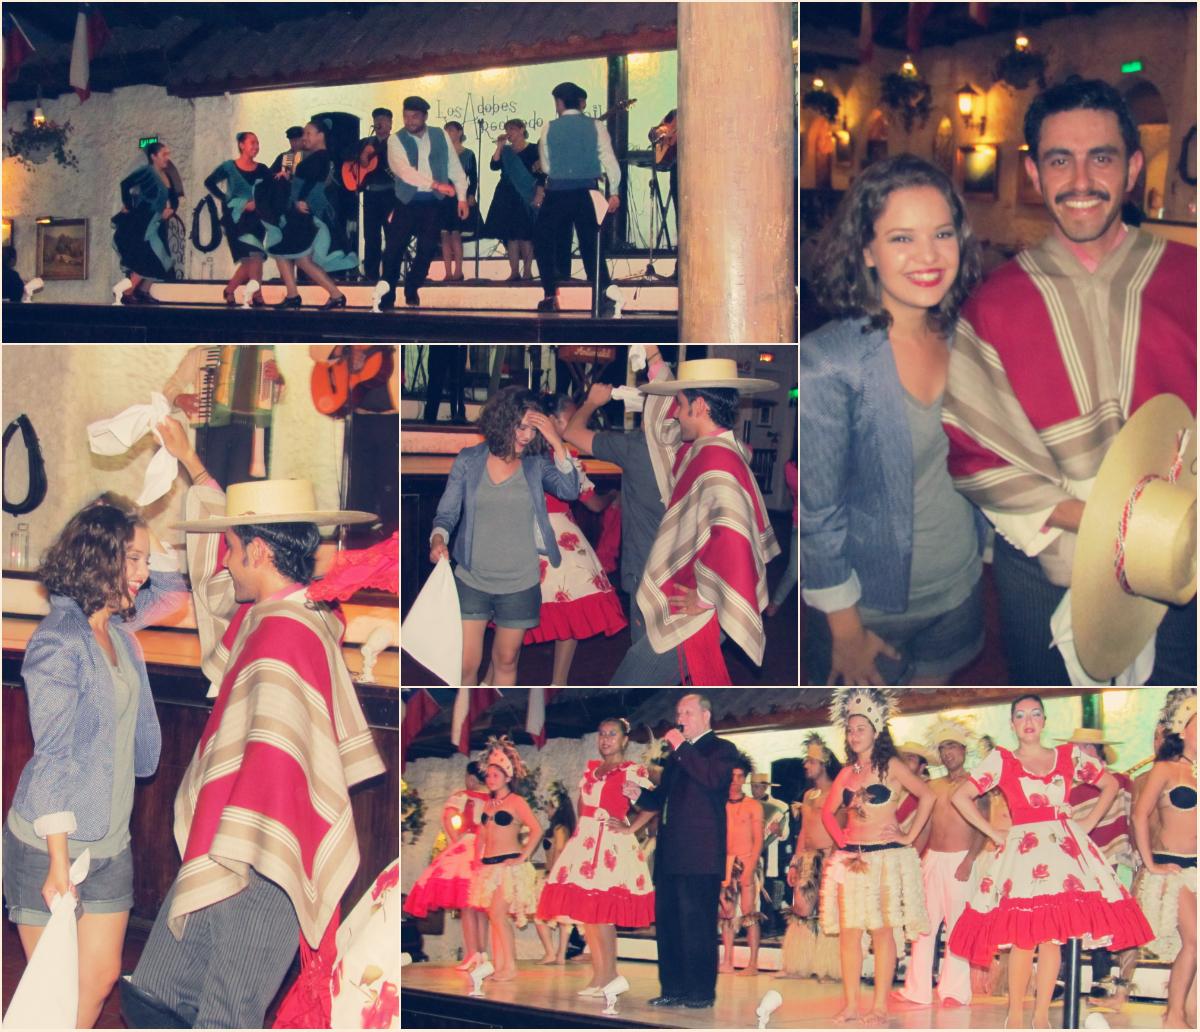 Fê Marley tentando dançar as músicas típicas do Chile - Restaurante Los Adobes de Argomedo.